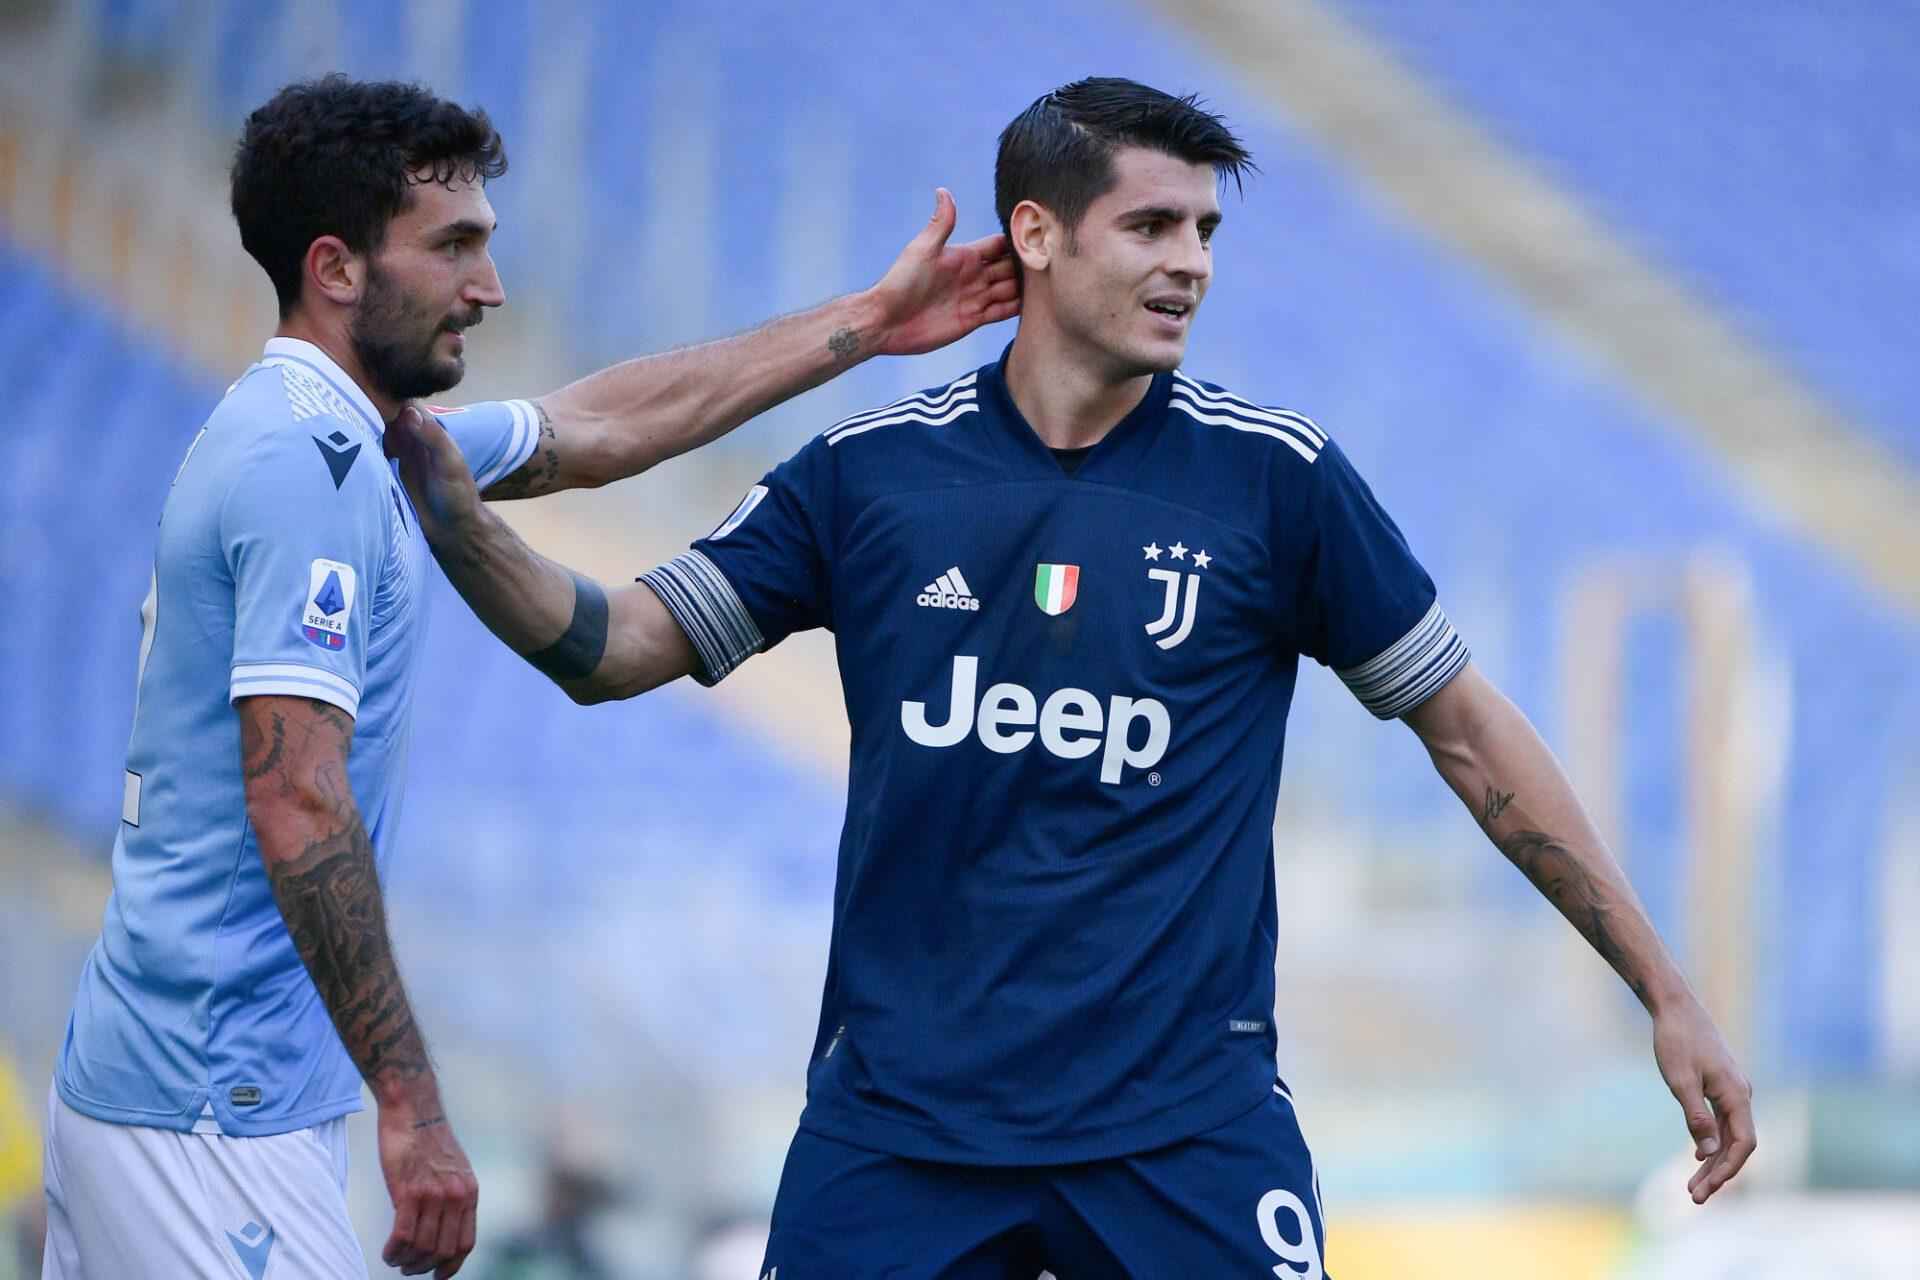 Le 8 novembre, la Lazio a aligné un joueur qui aurait dû être en isolement face à la Juventus d'Alvaro Morata. Icon Sport